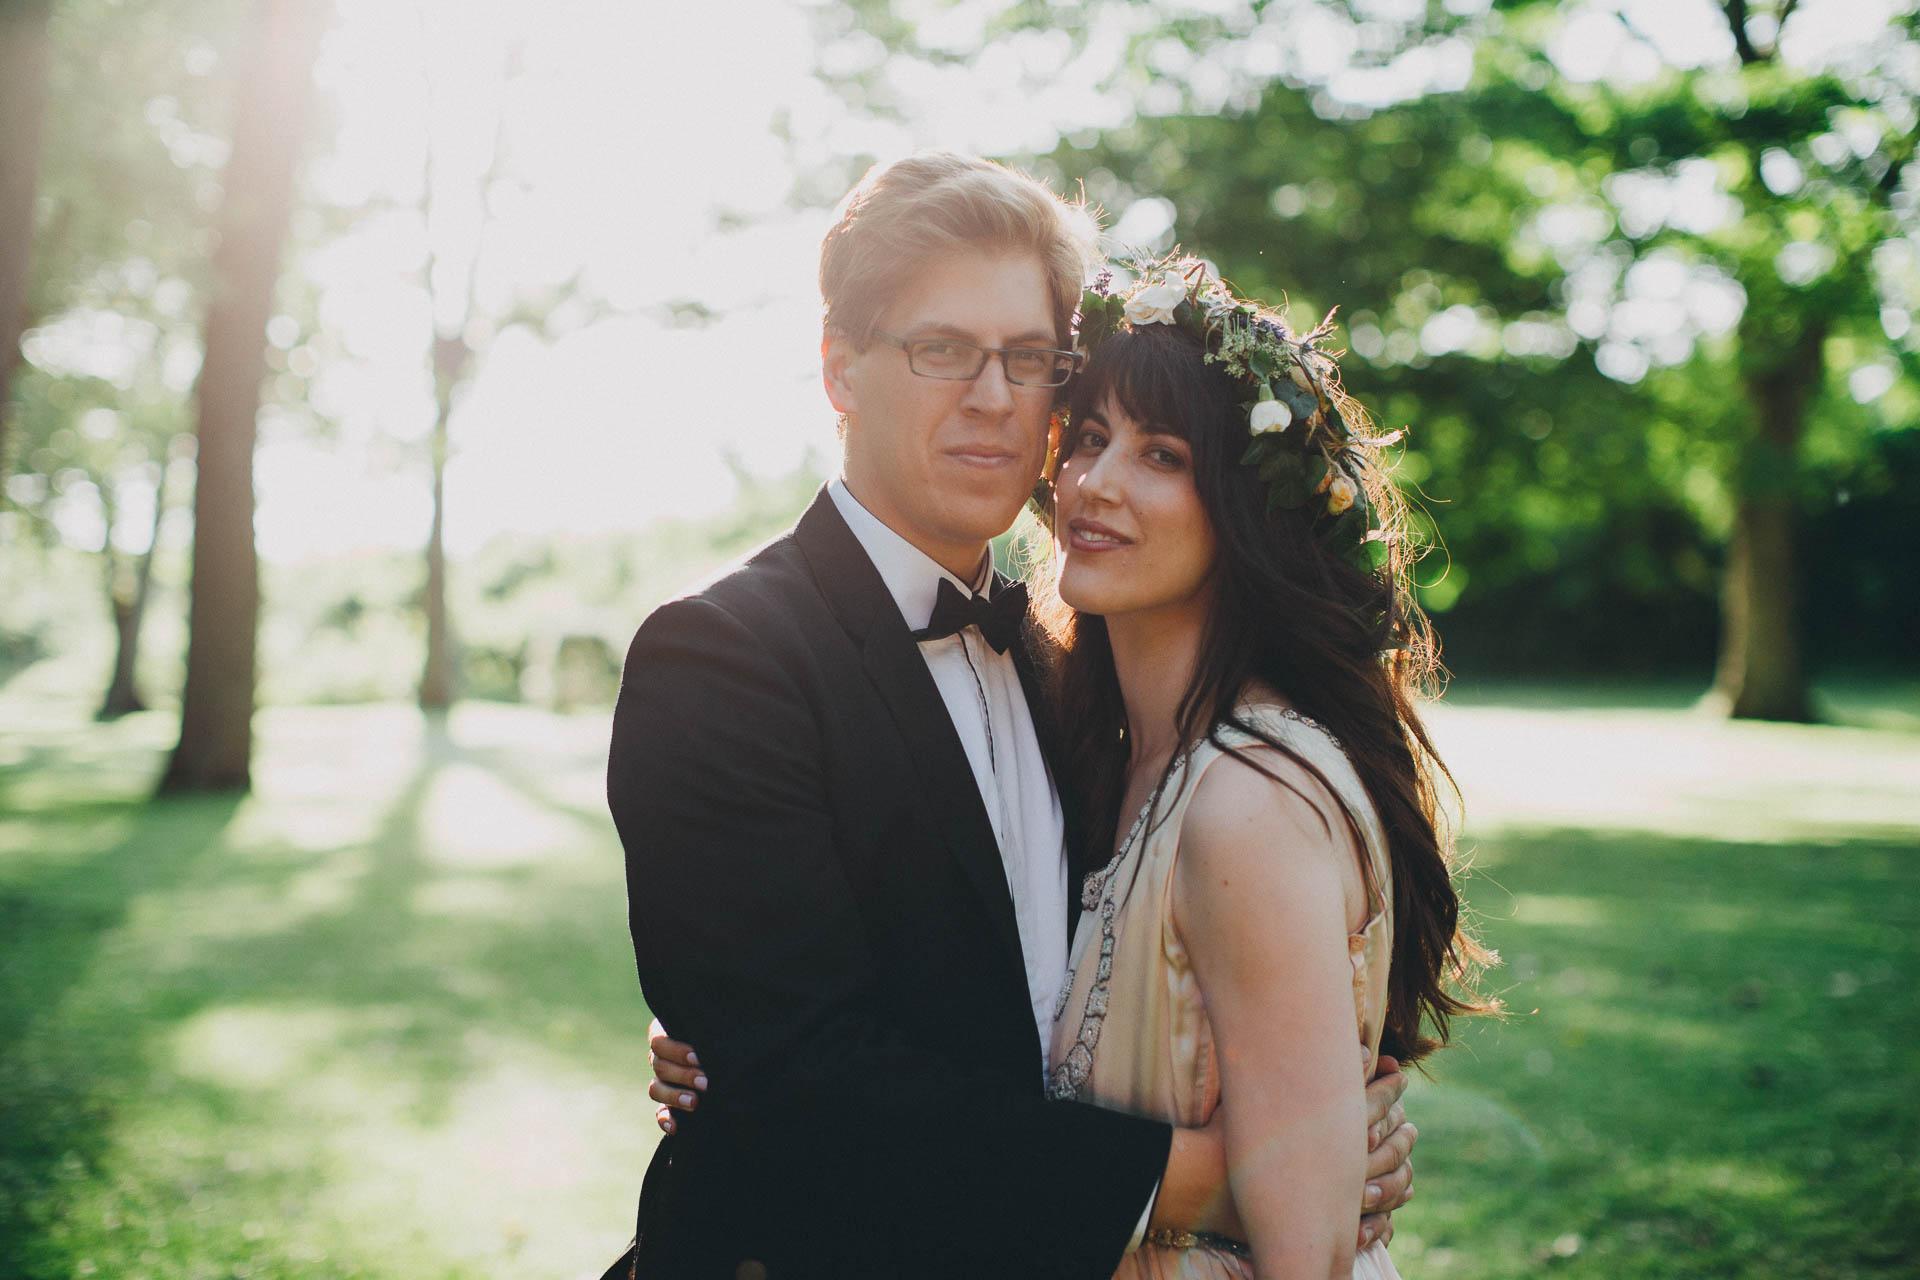 Megan-Paul-Ohio-English-Garden-Wedding-107@2x.jpg